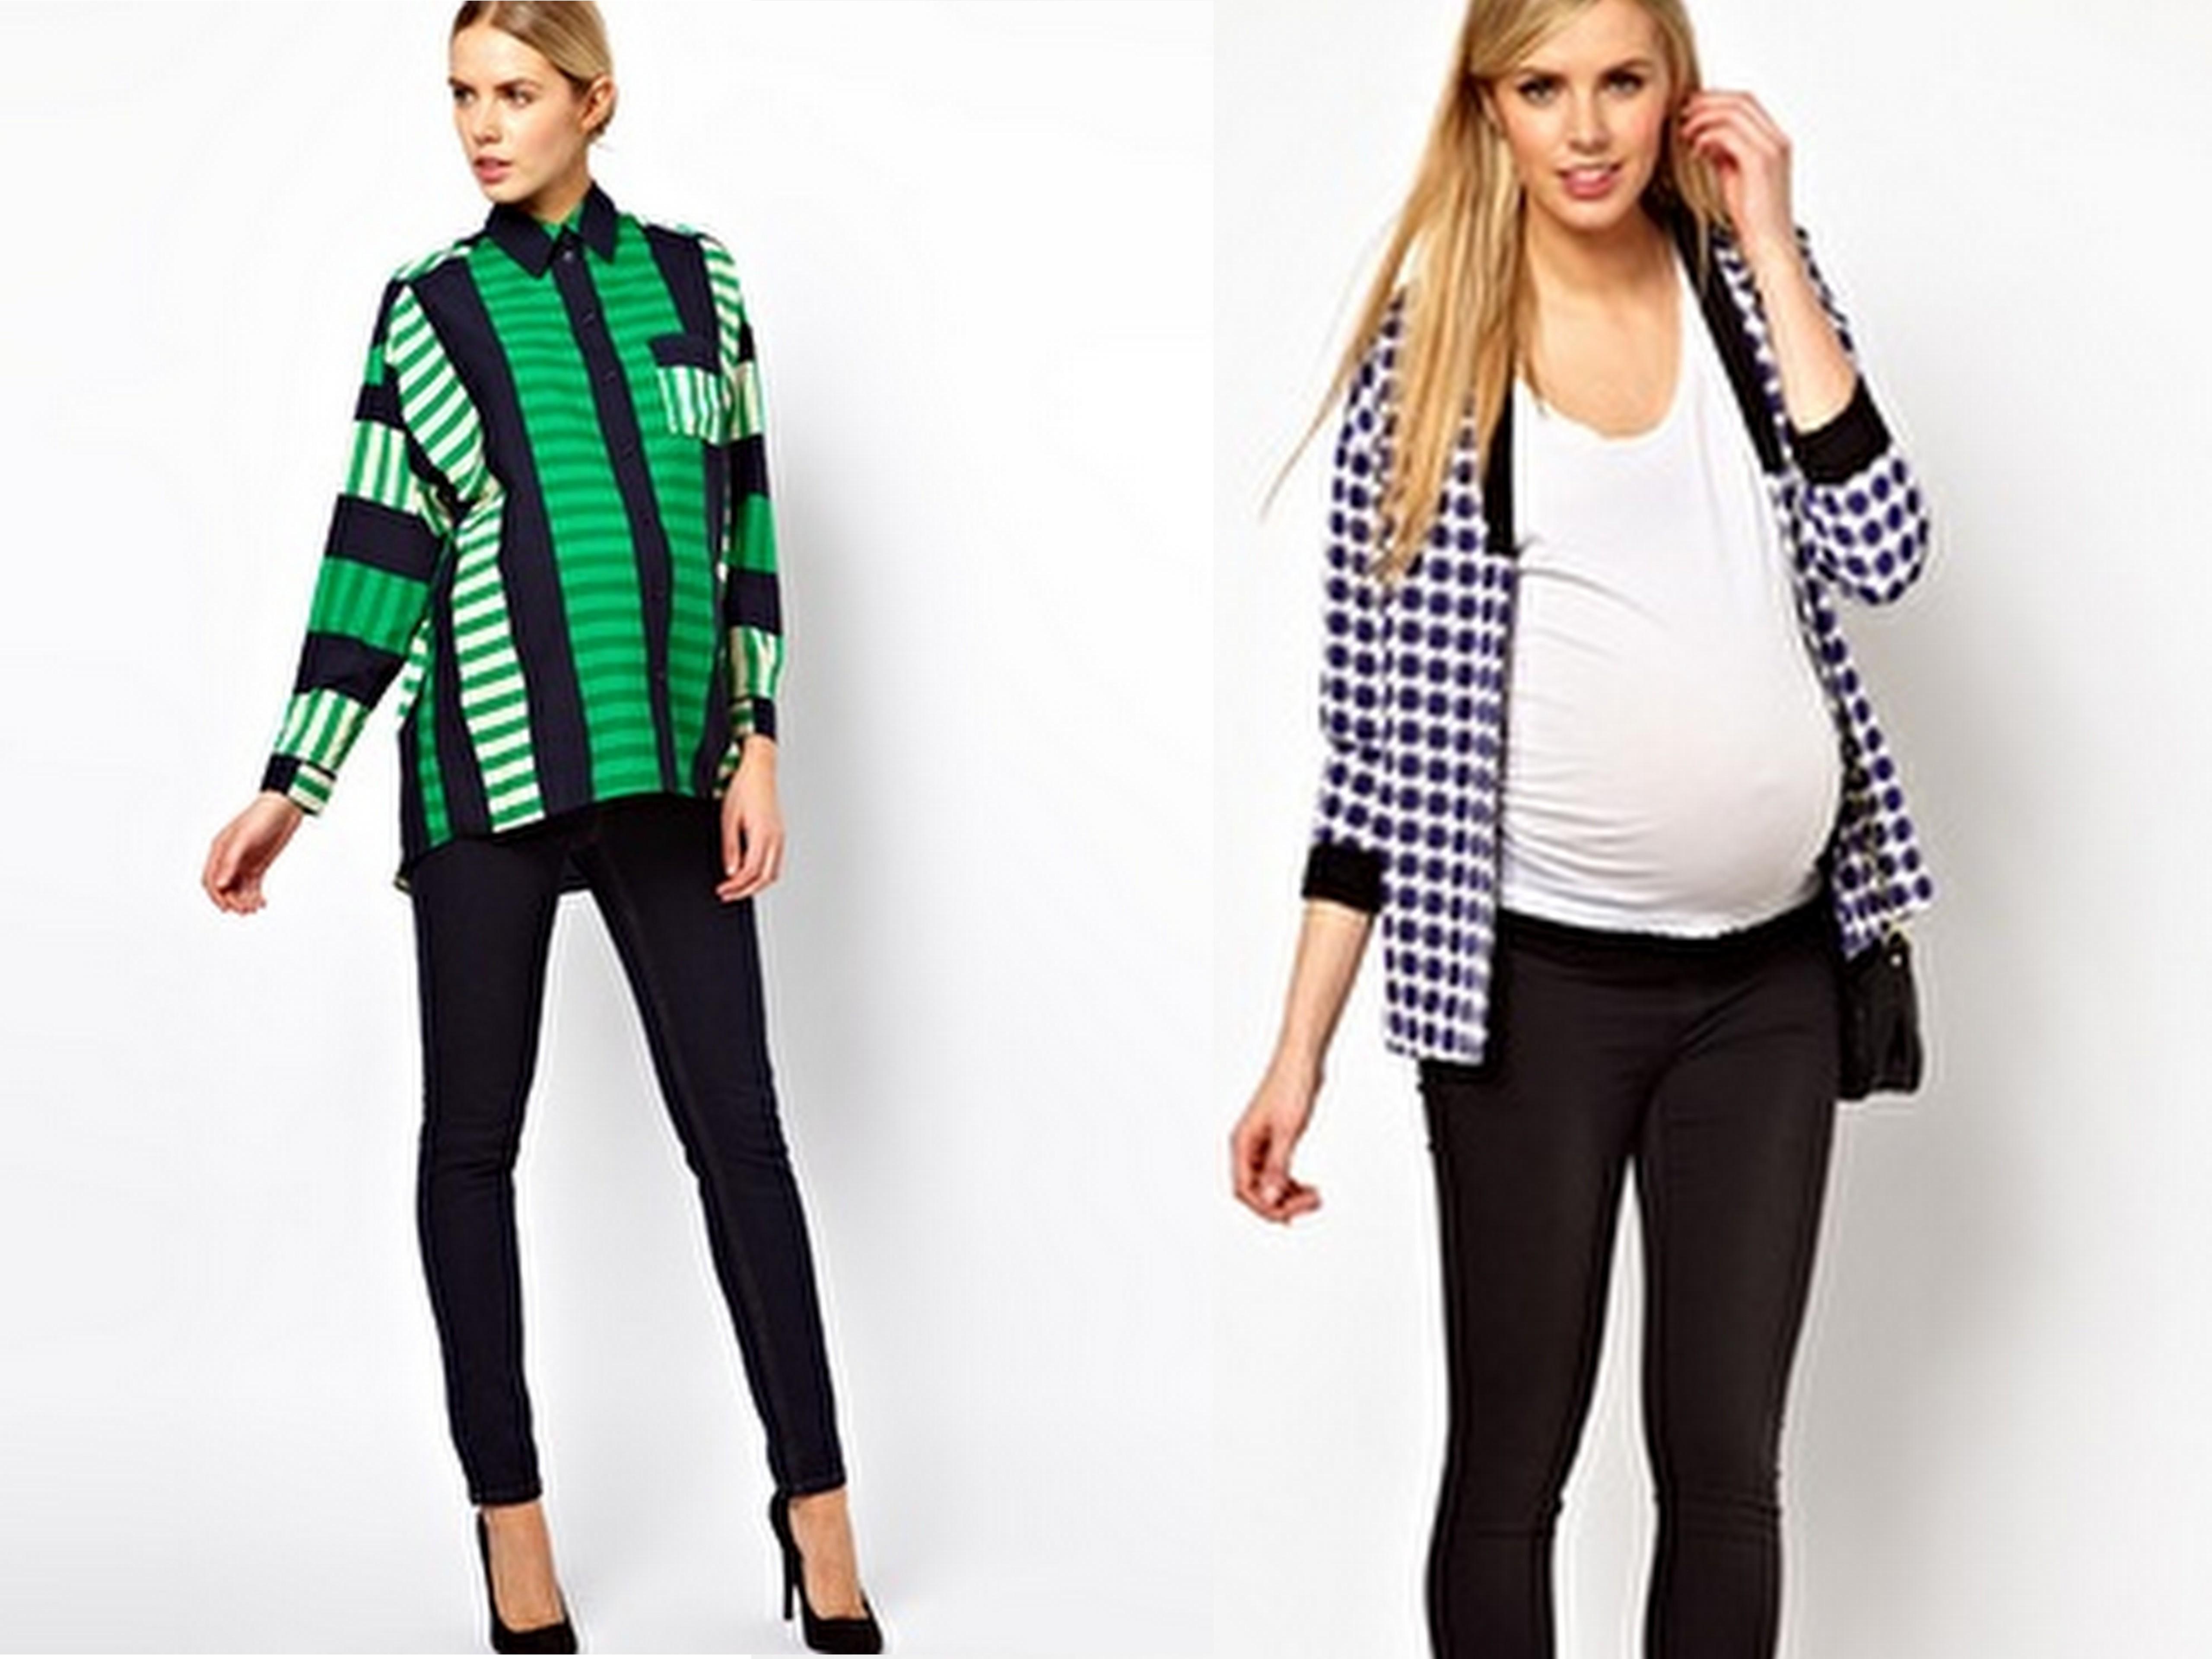 958dcb696 ASOS inunda de tendencias el armario de las embarazadas - Mucha más ...